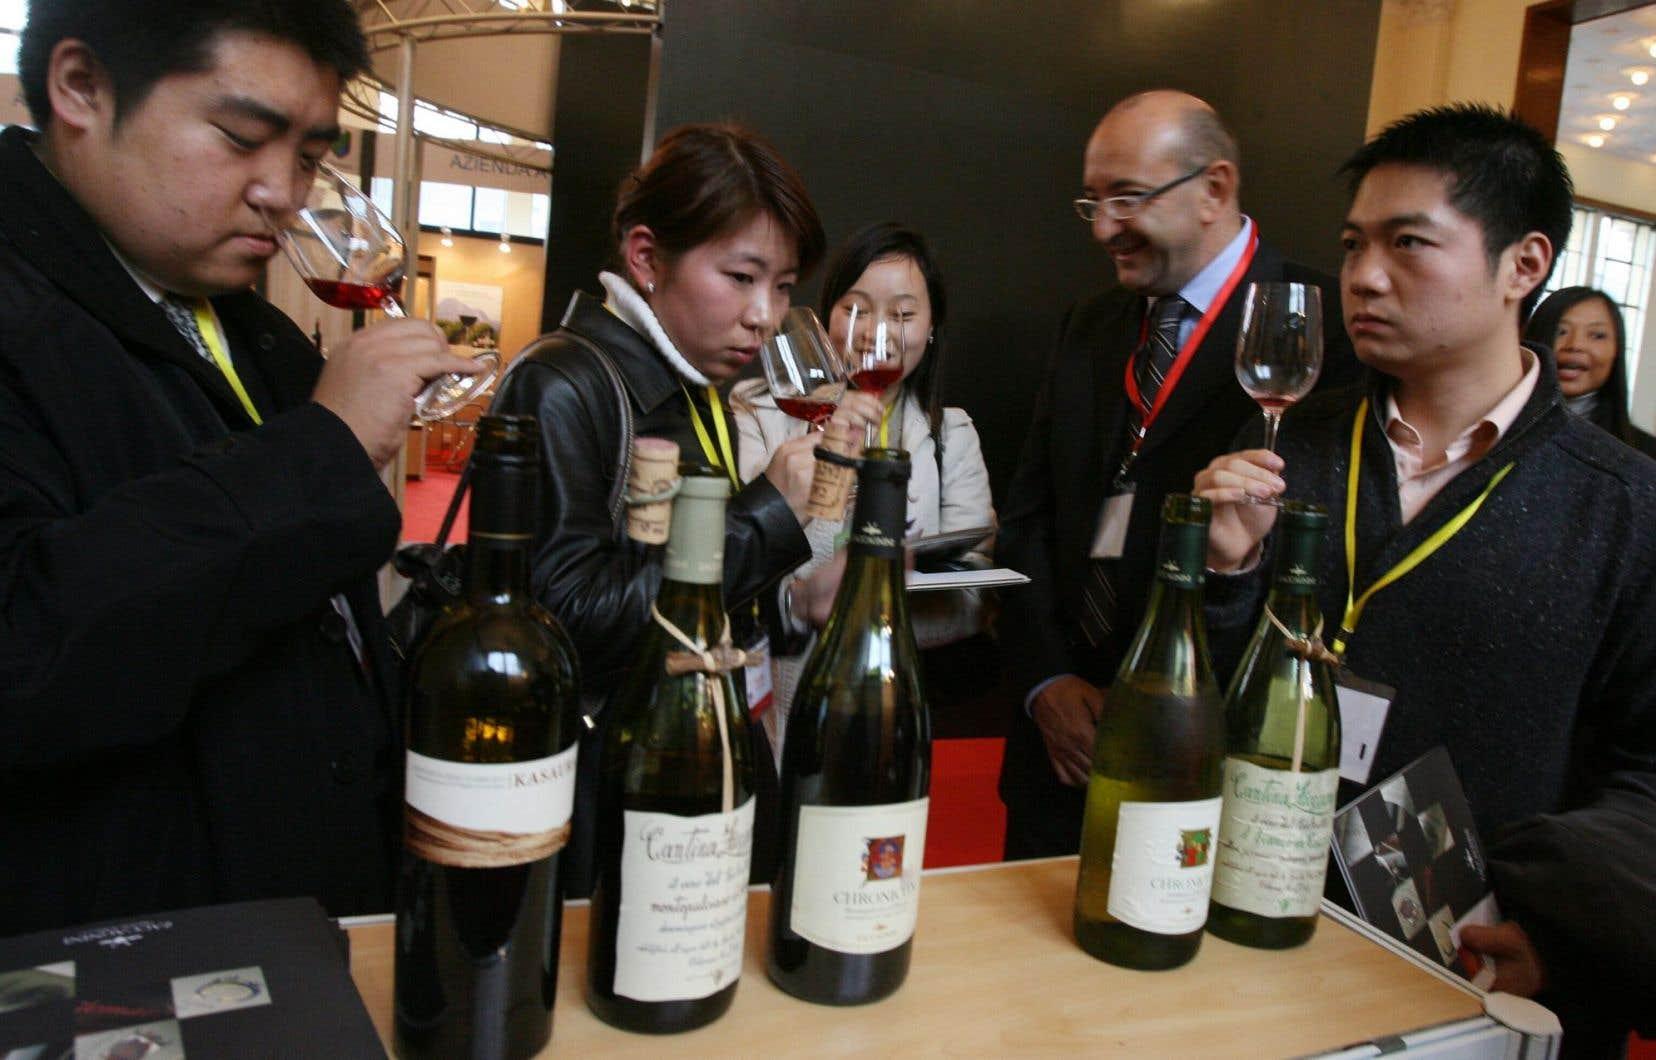 Si les vins italiens ont l'avantage d'offrir un meilleur rapport qualité-prix dans plusieurs gammes, il leur reste encore beaucoup de chemin à faire en Chine, estime une experte.